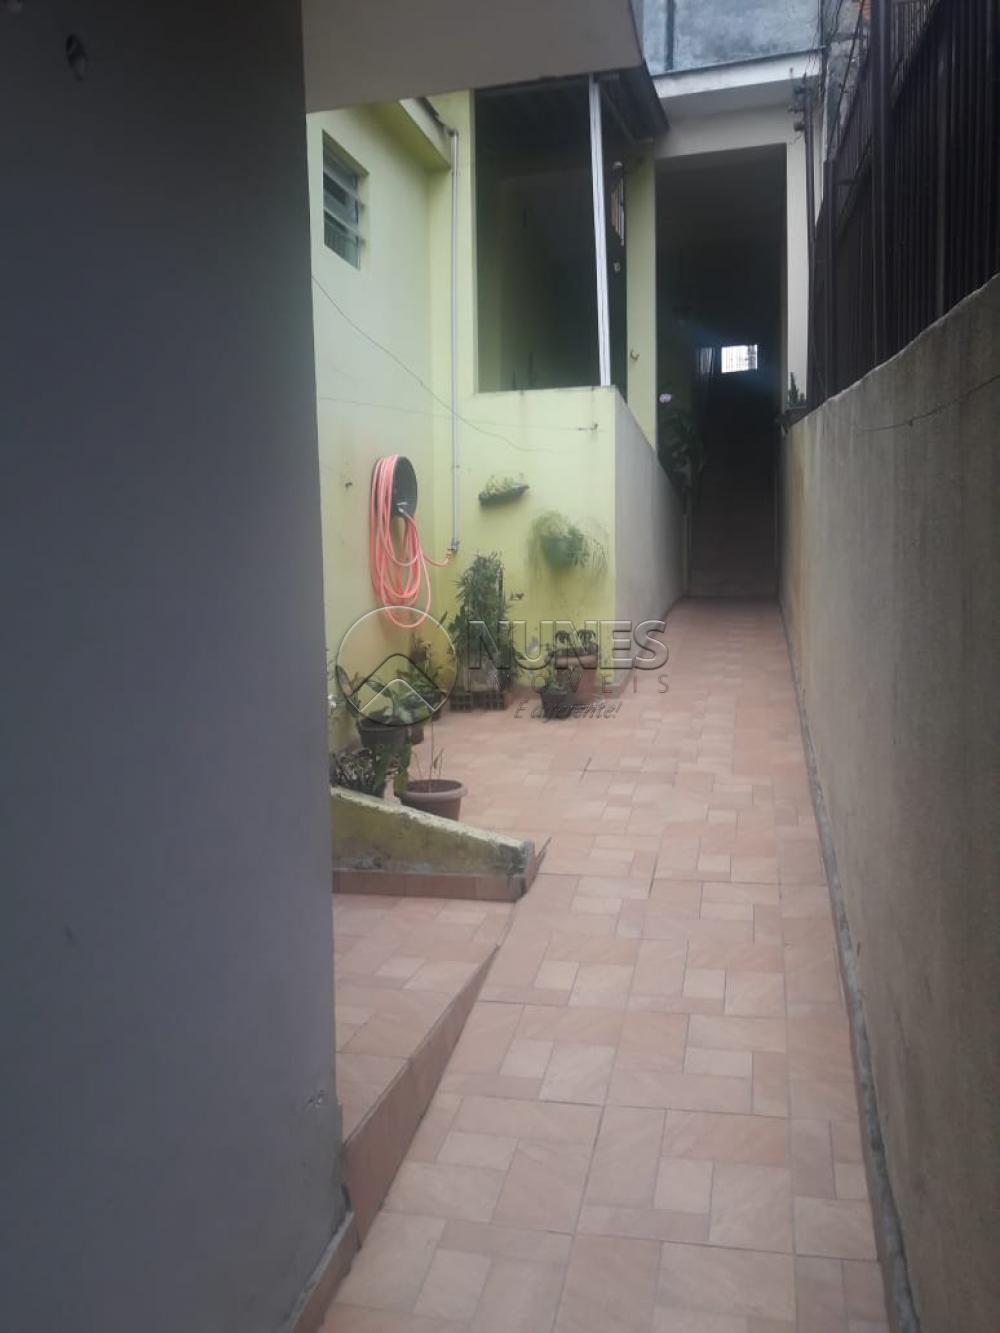 Comprar Casa / Imovel para Renda em São Paulo apenas R$ 850.000,00 - Foto 4